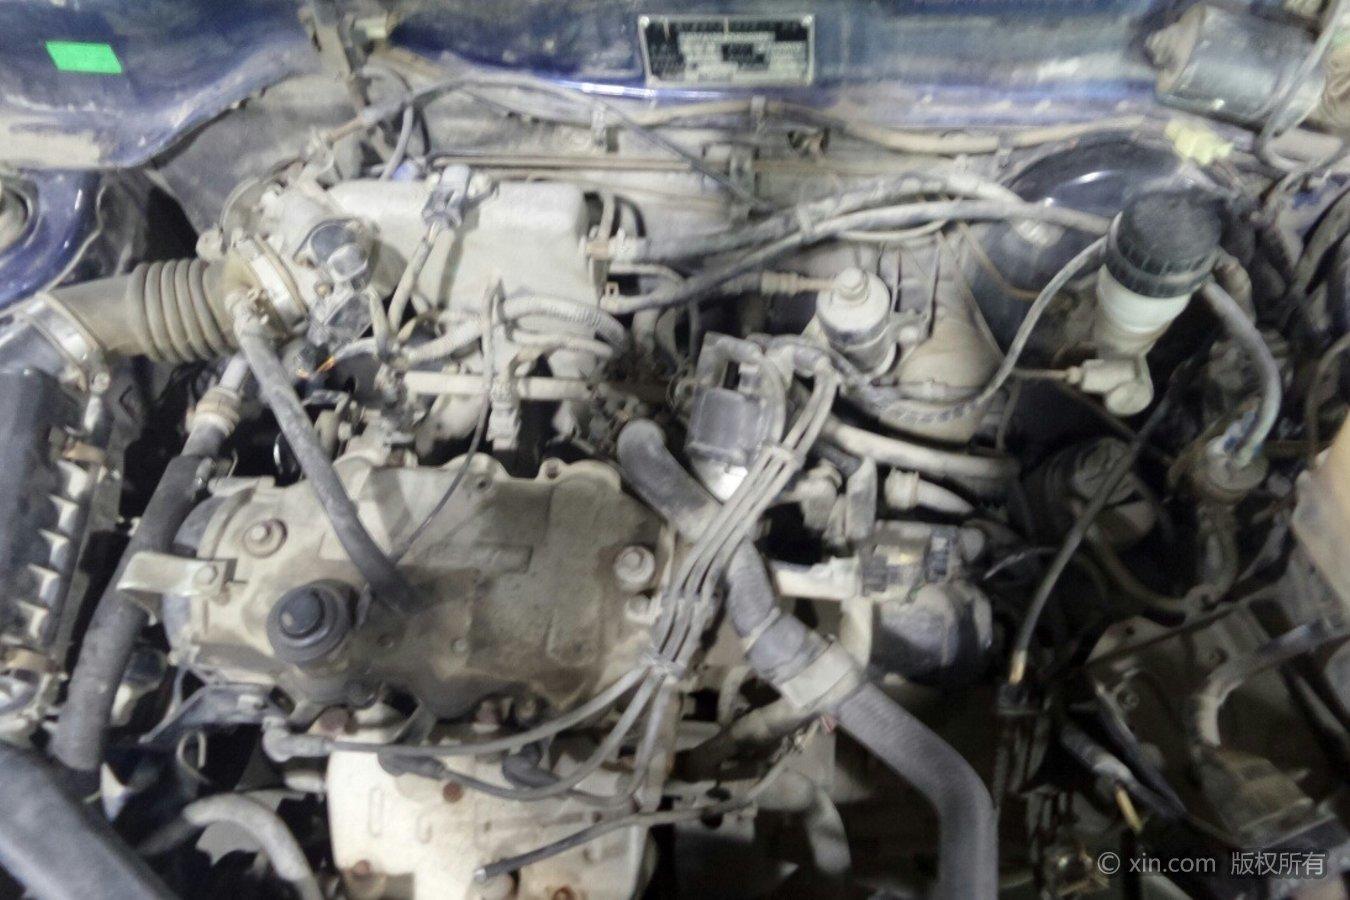 吉利汽车豪情发动机